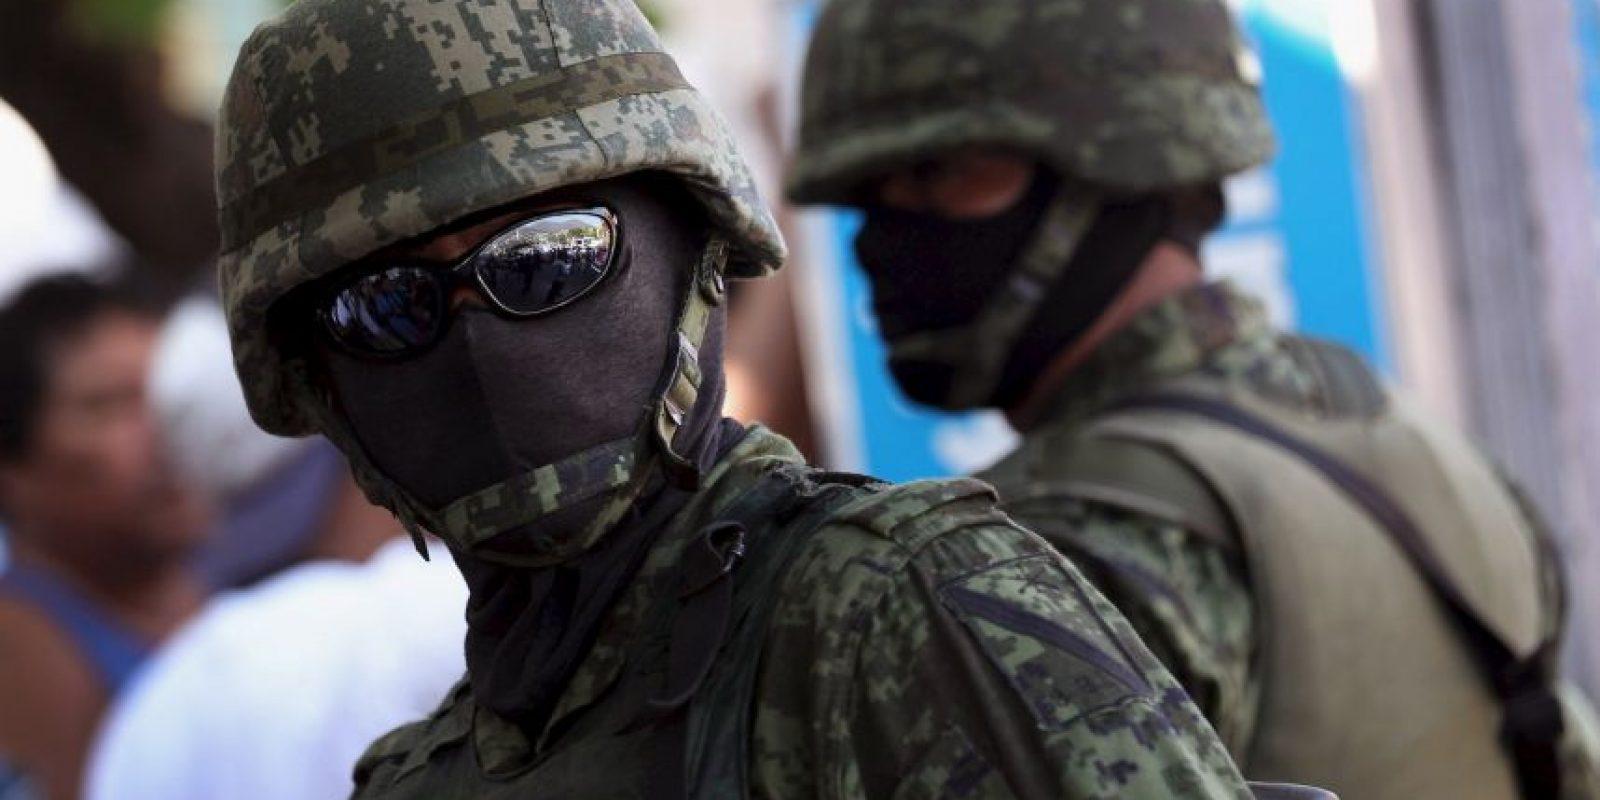 Y que se desarrolla en todo el mundo. Incluso, en México, la primera hipótesis sobre el destino de los 43 estudiantes de Ayotzinapa es que los quemaron. Foto:Getty Images